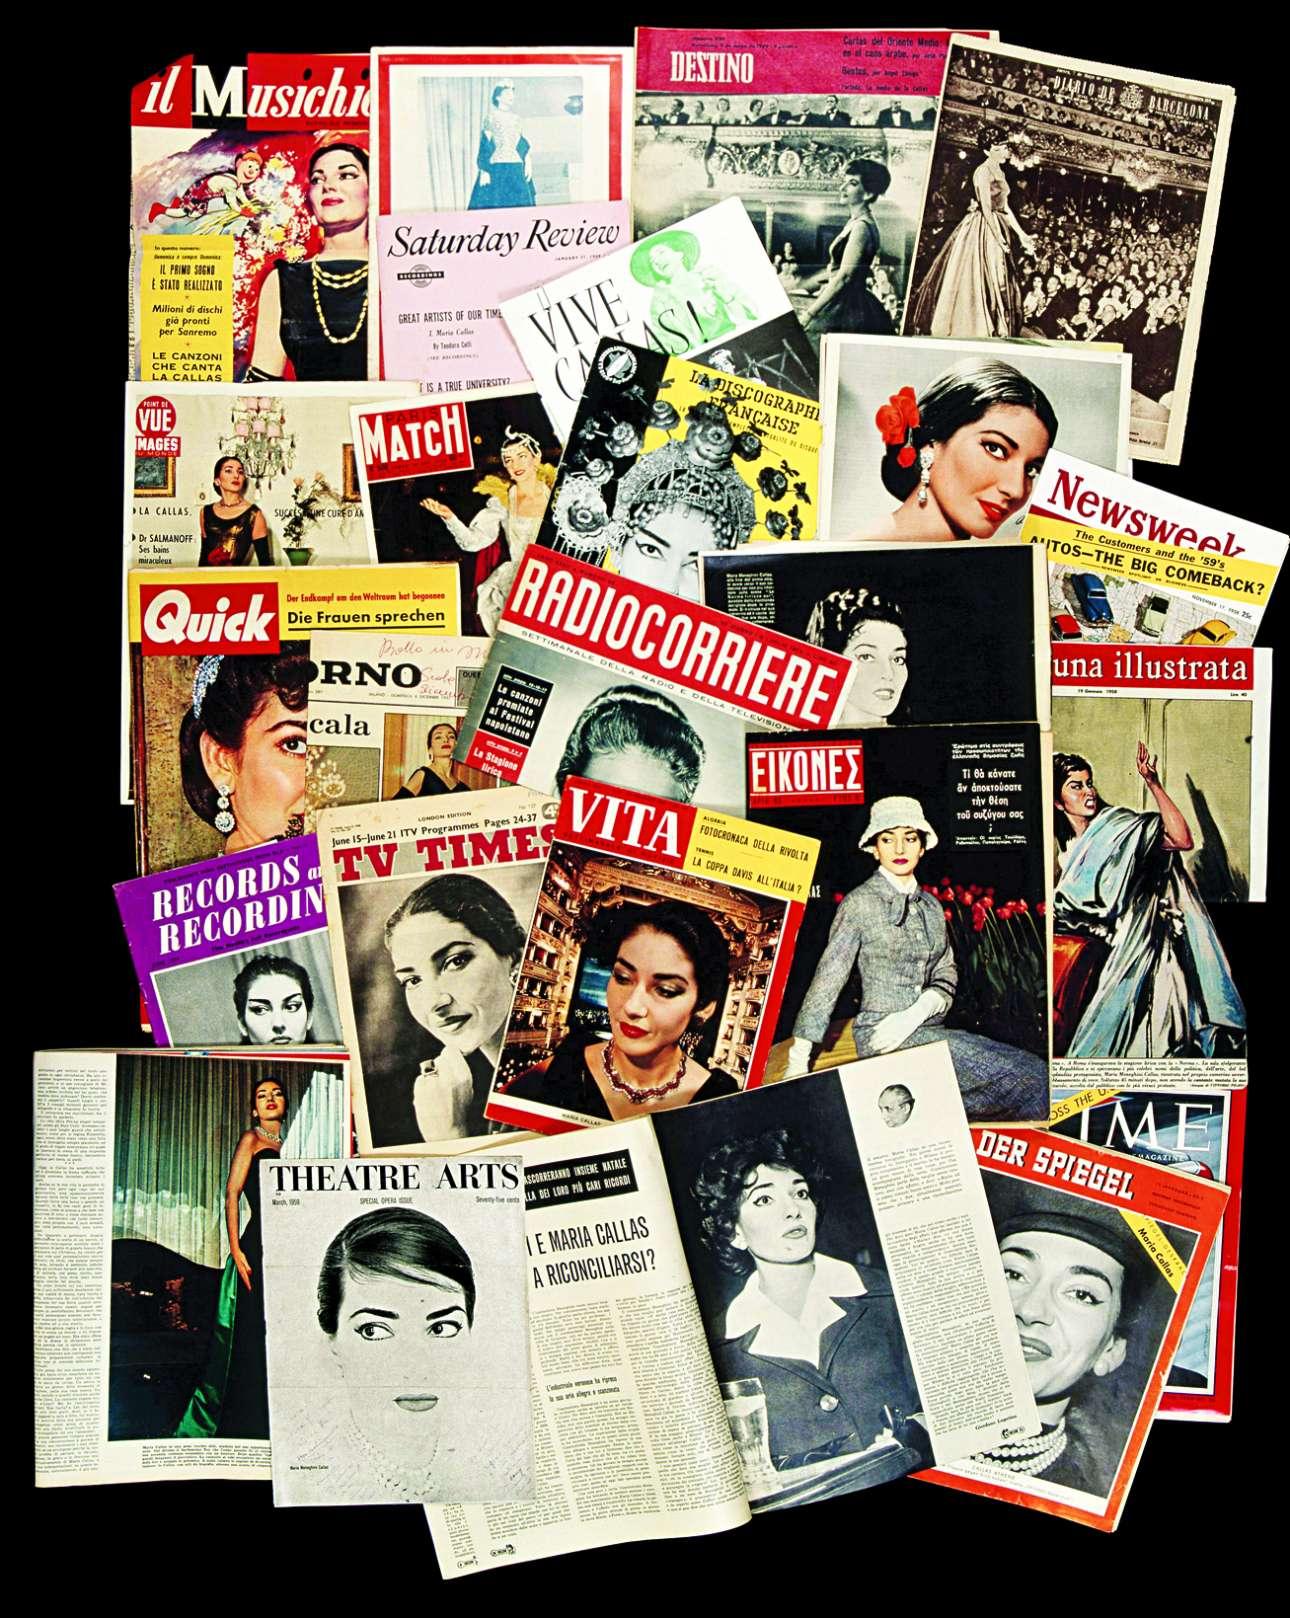 Εξώφυλλα περιοδικών με τη ντίβα της όπερας